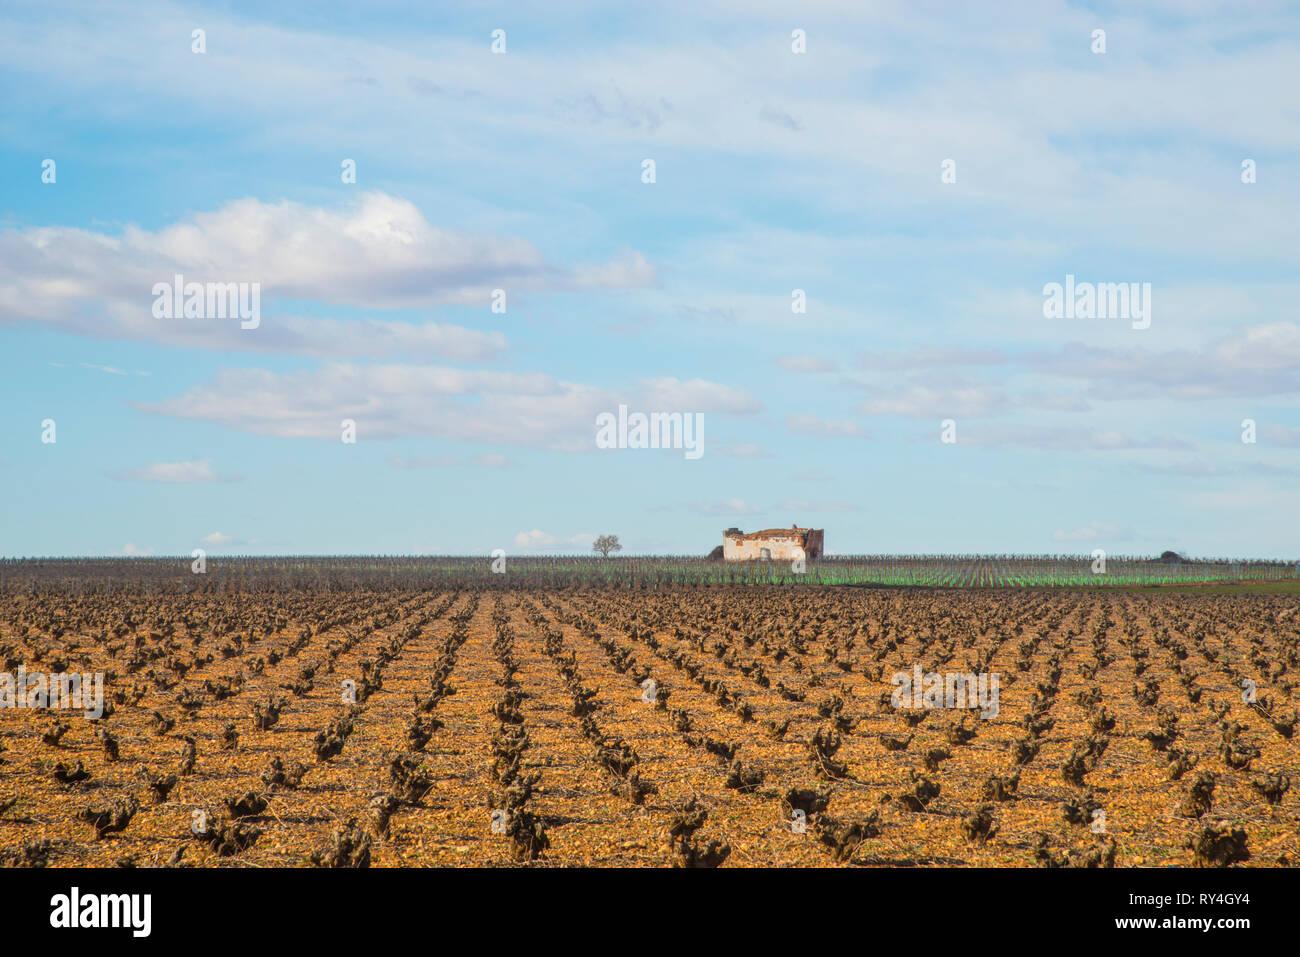 Vineyard in winter. Manjavacas, Cuenca province, Spain. - Stock Image